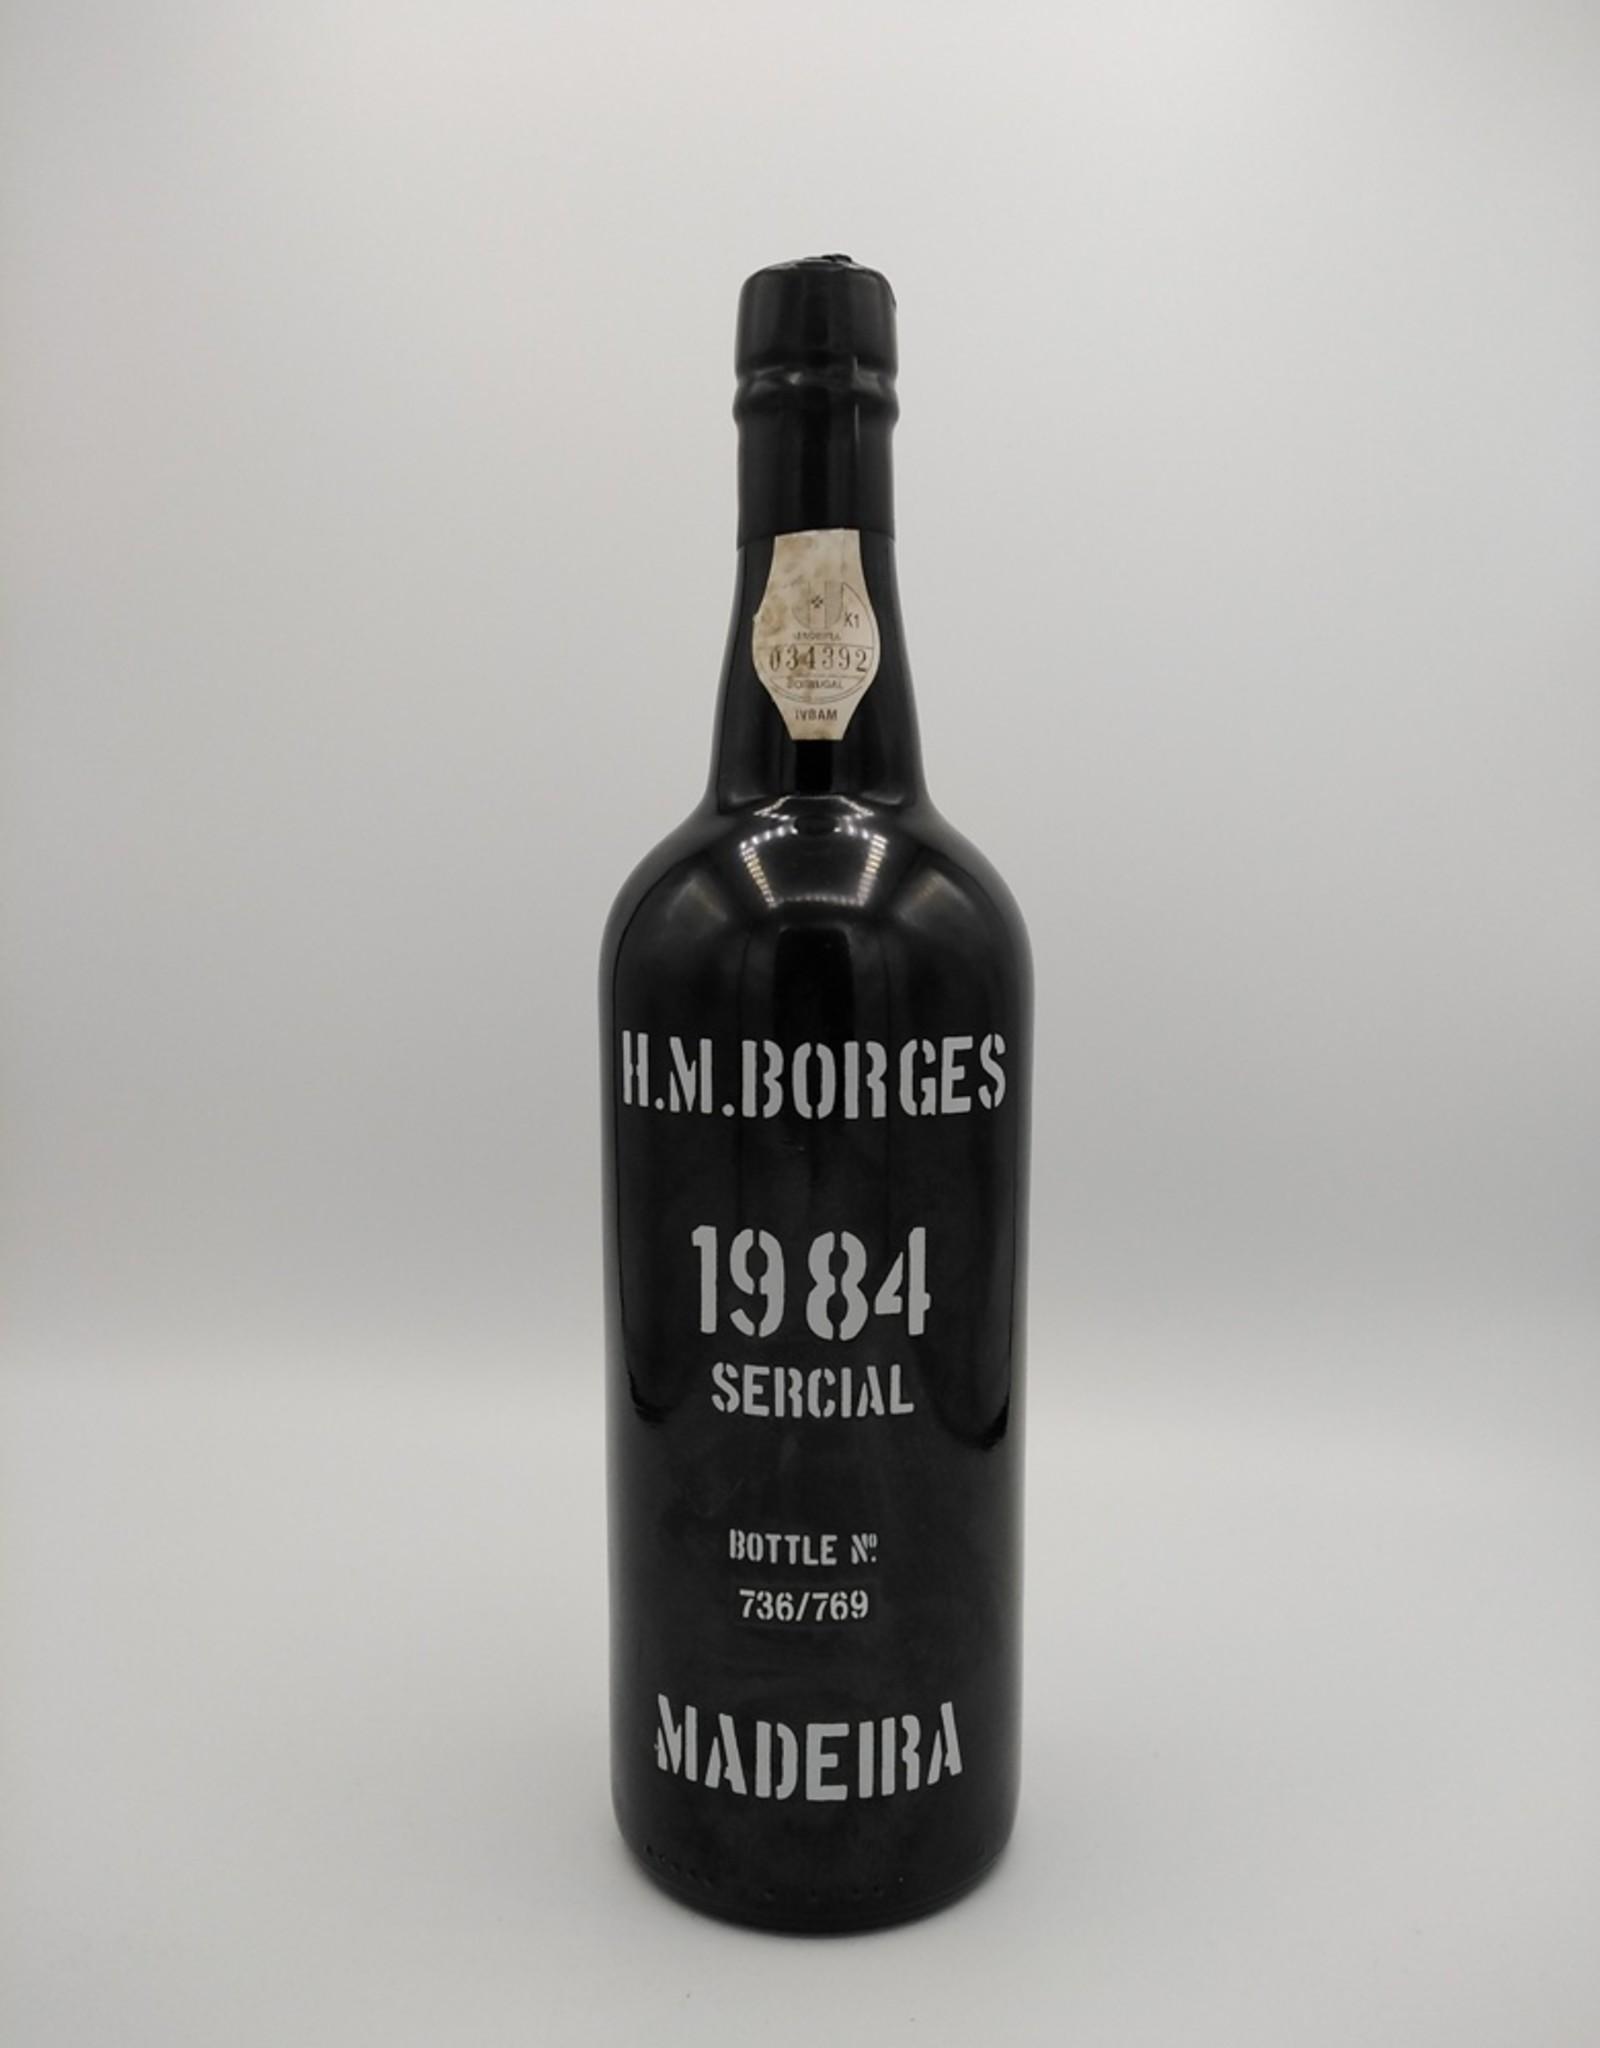 H.M. Borges H.M. Borges - Madeira Frasqueira Sercial 1984